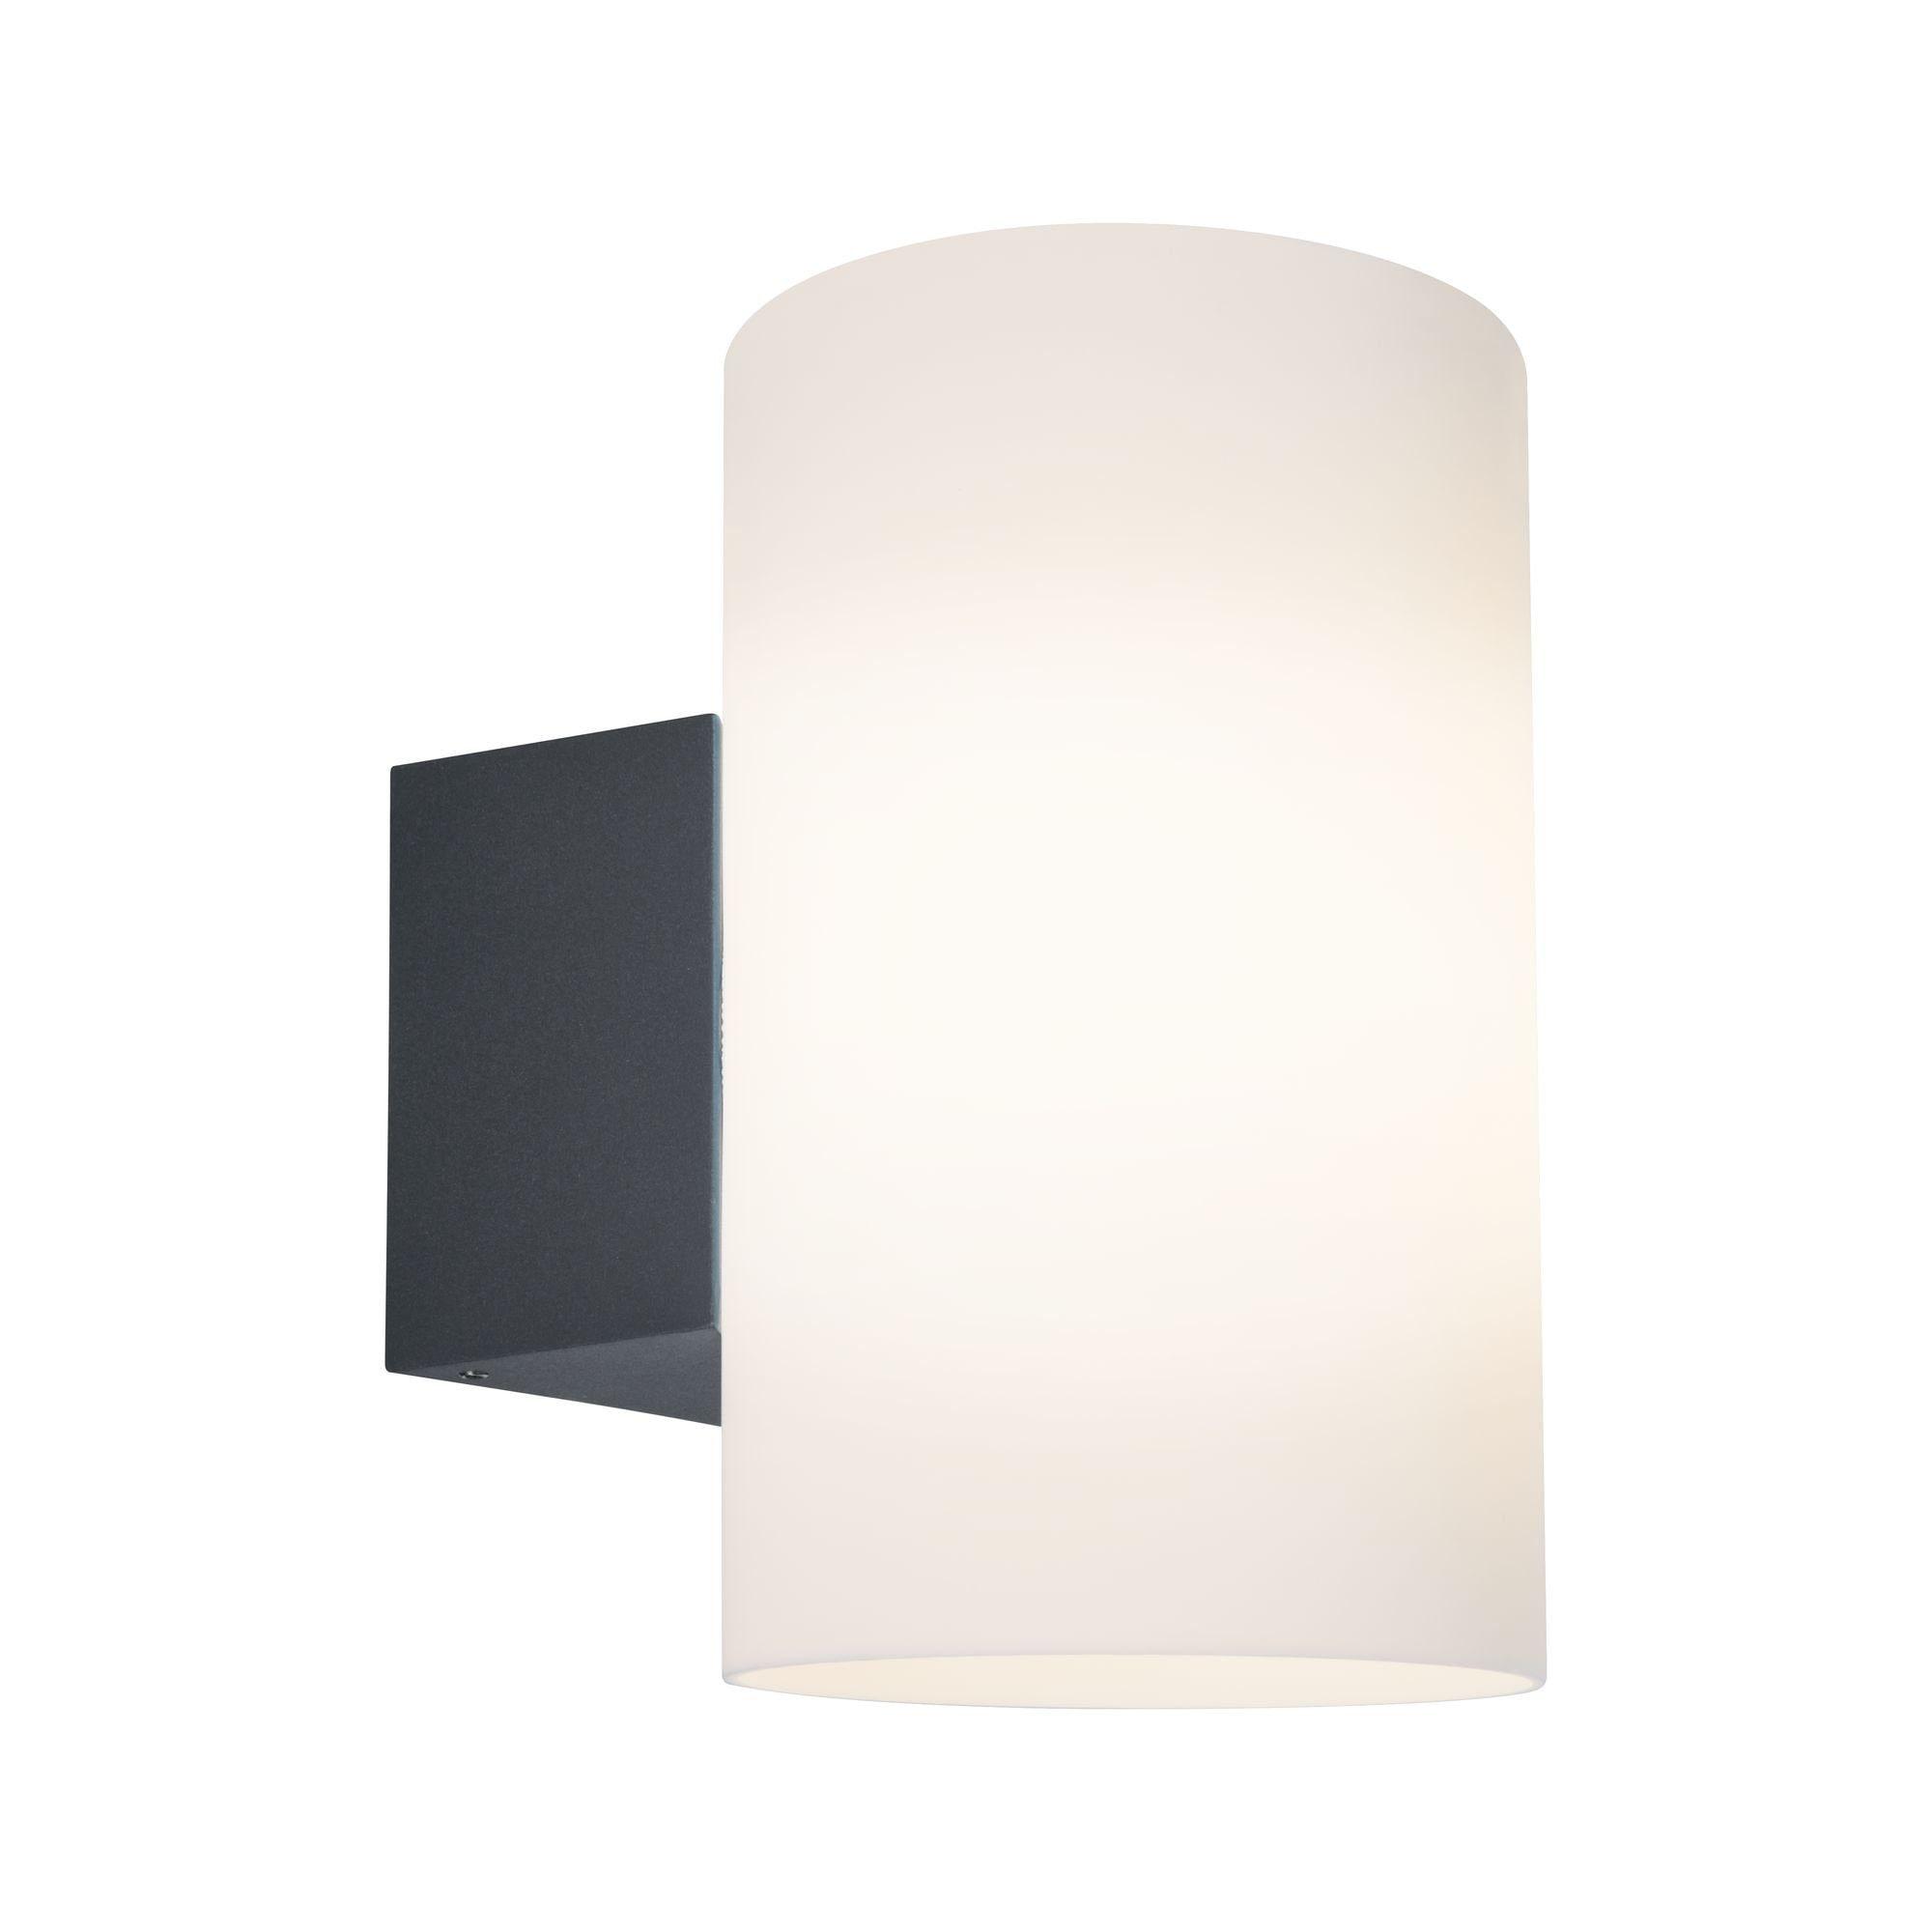 Paulmann LED Außen-Wandleuchte Tube Anthrazit max. 15W E27, E27, 1 St.